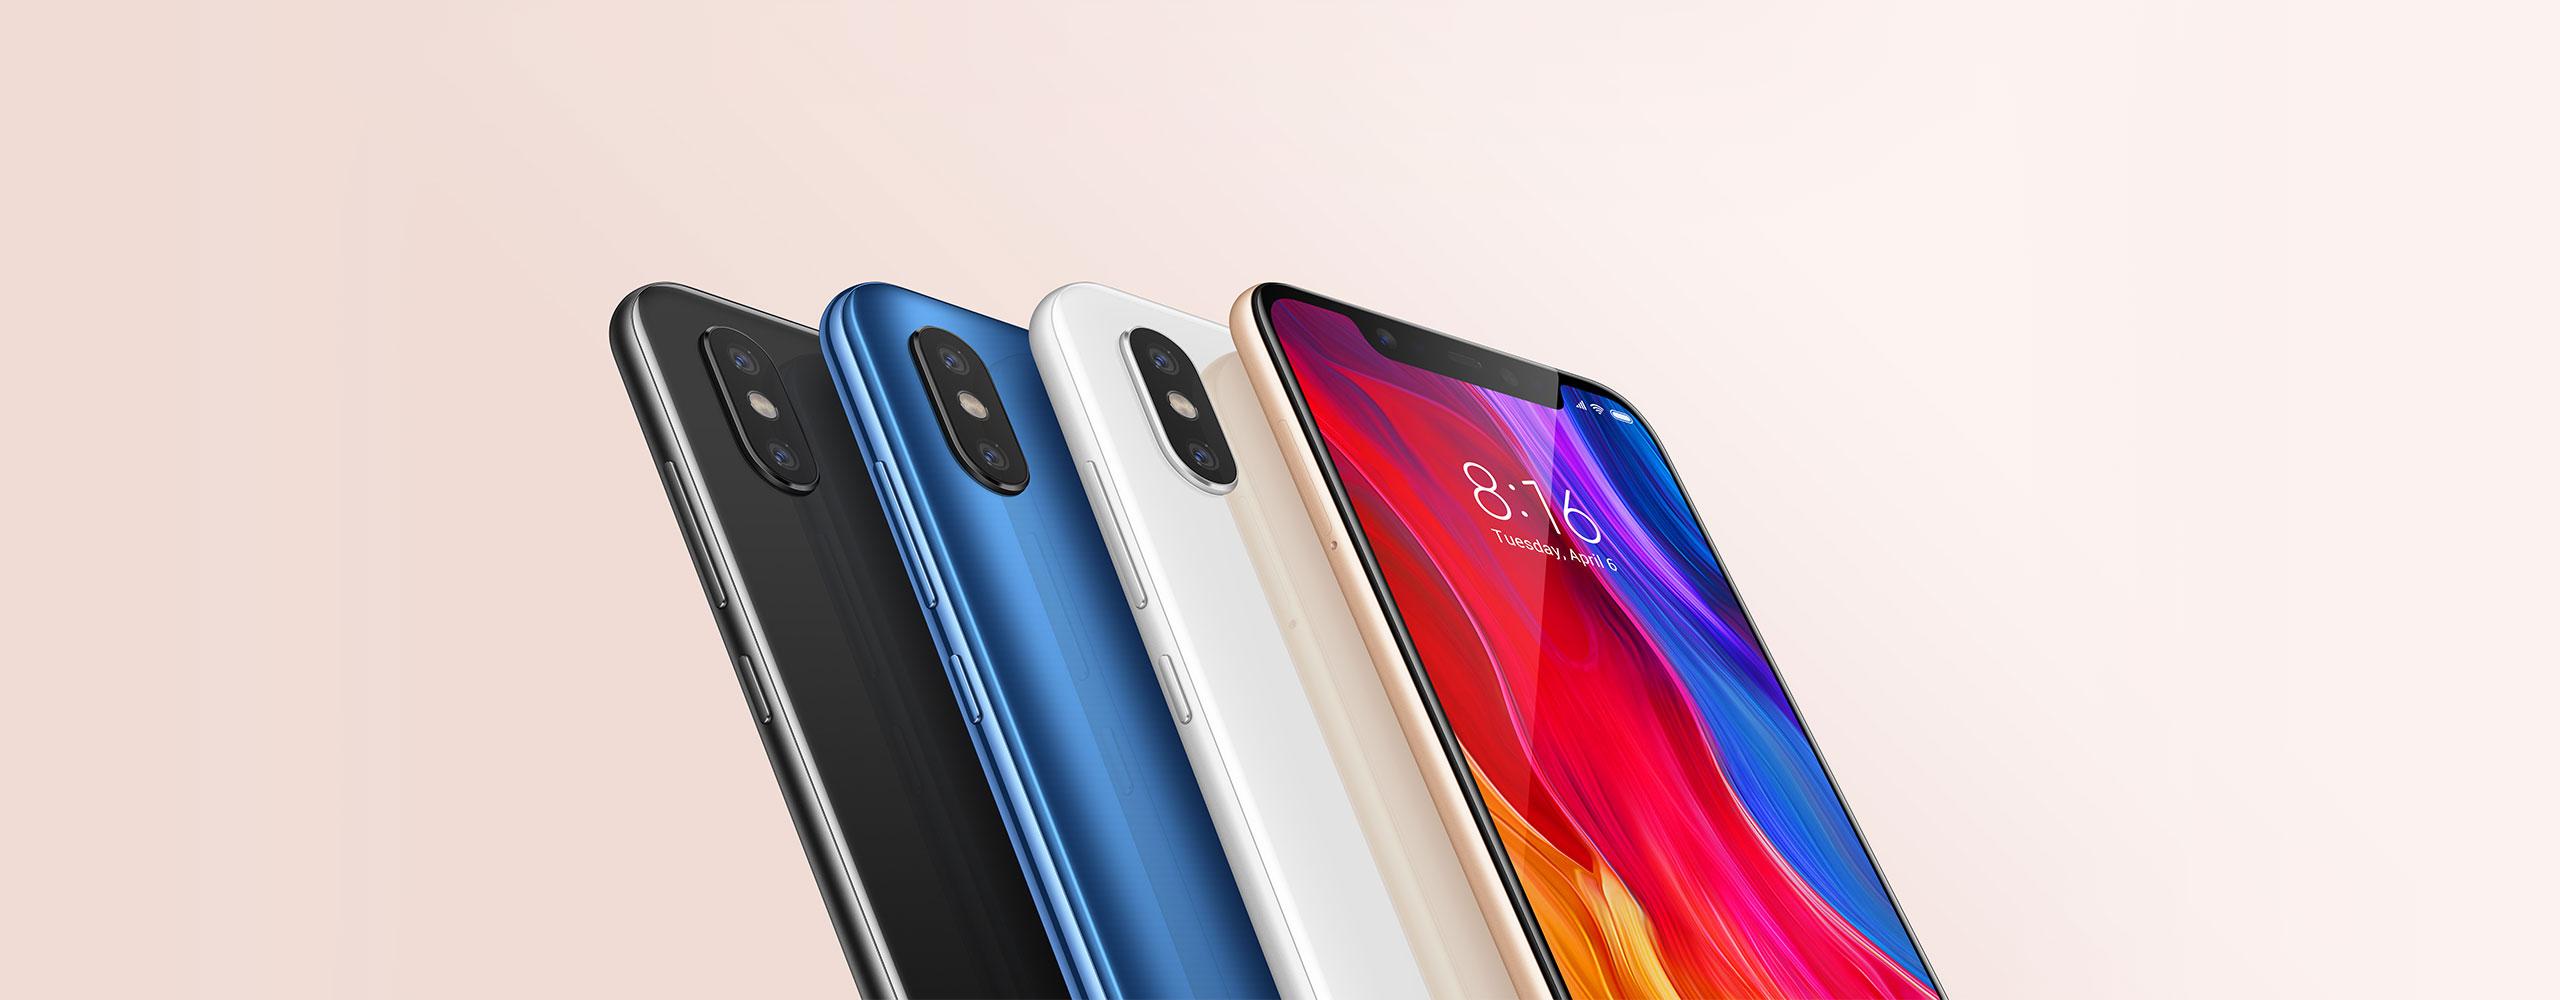 Imagem de Xiaomi Mi 8 traz 128 GB de memória e está com preço vantajoso na Banggood no tecmundo